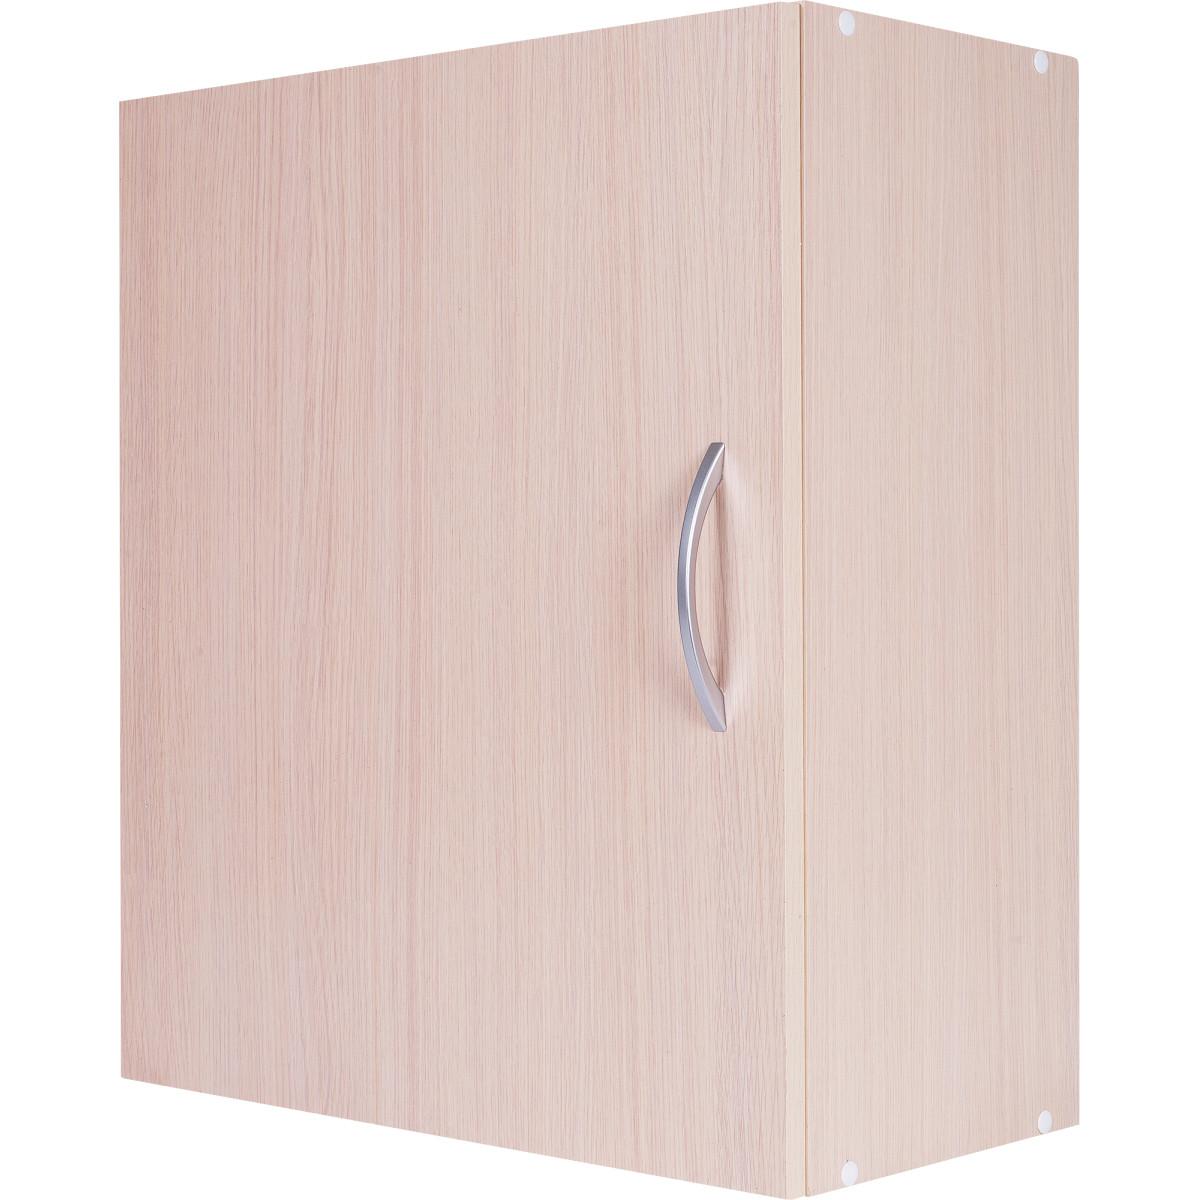 Шкаф навесной Дуб Молочный Д 67.6х60 см цвет дуб